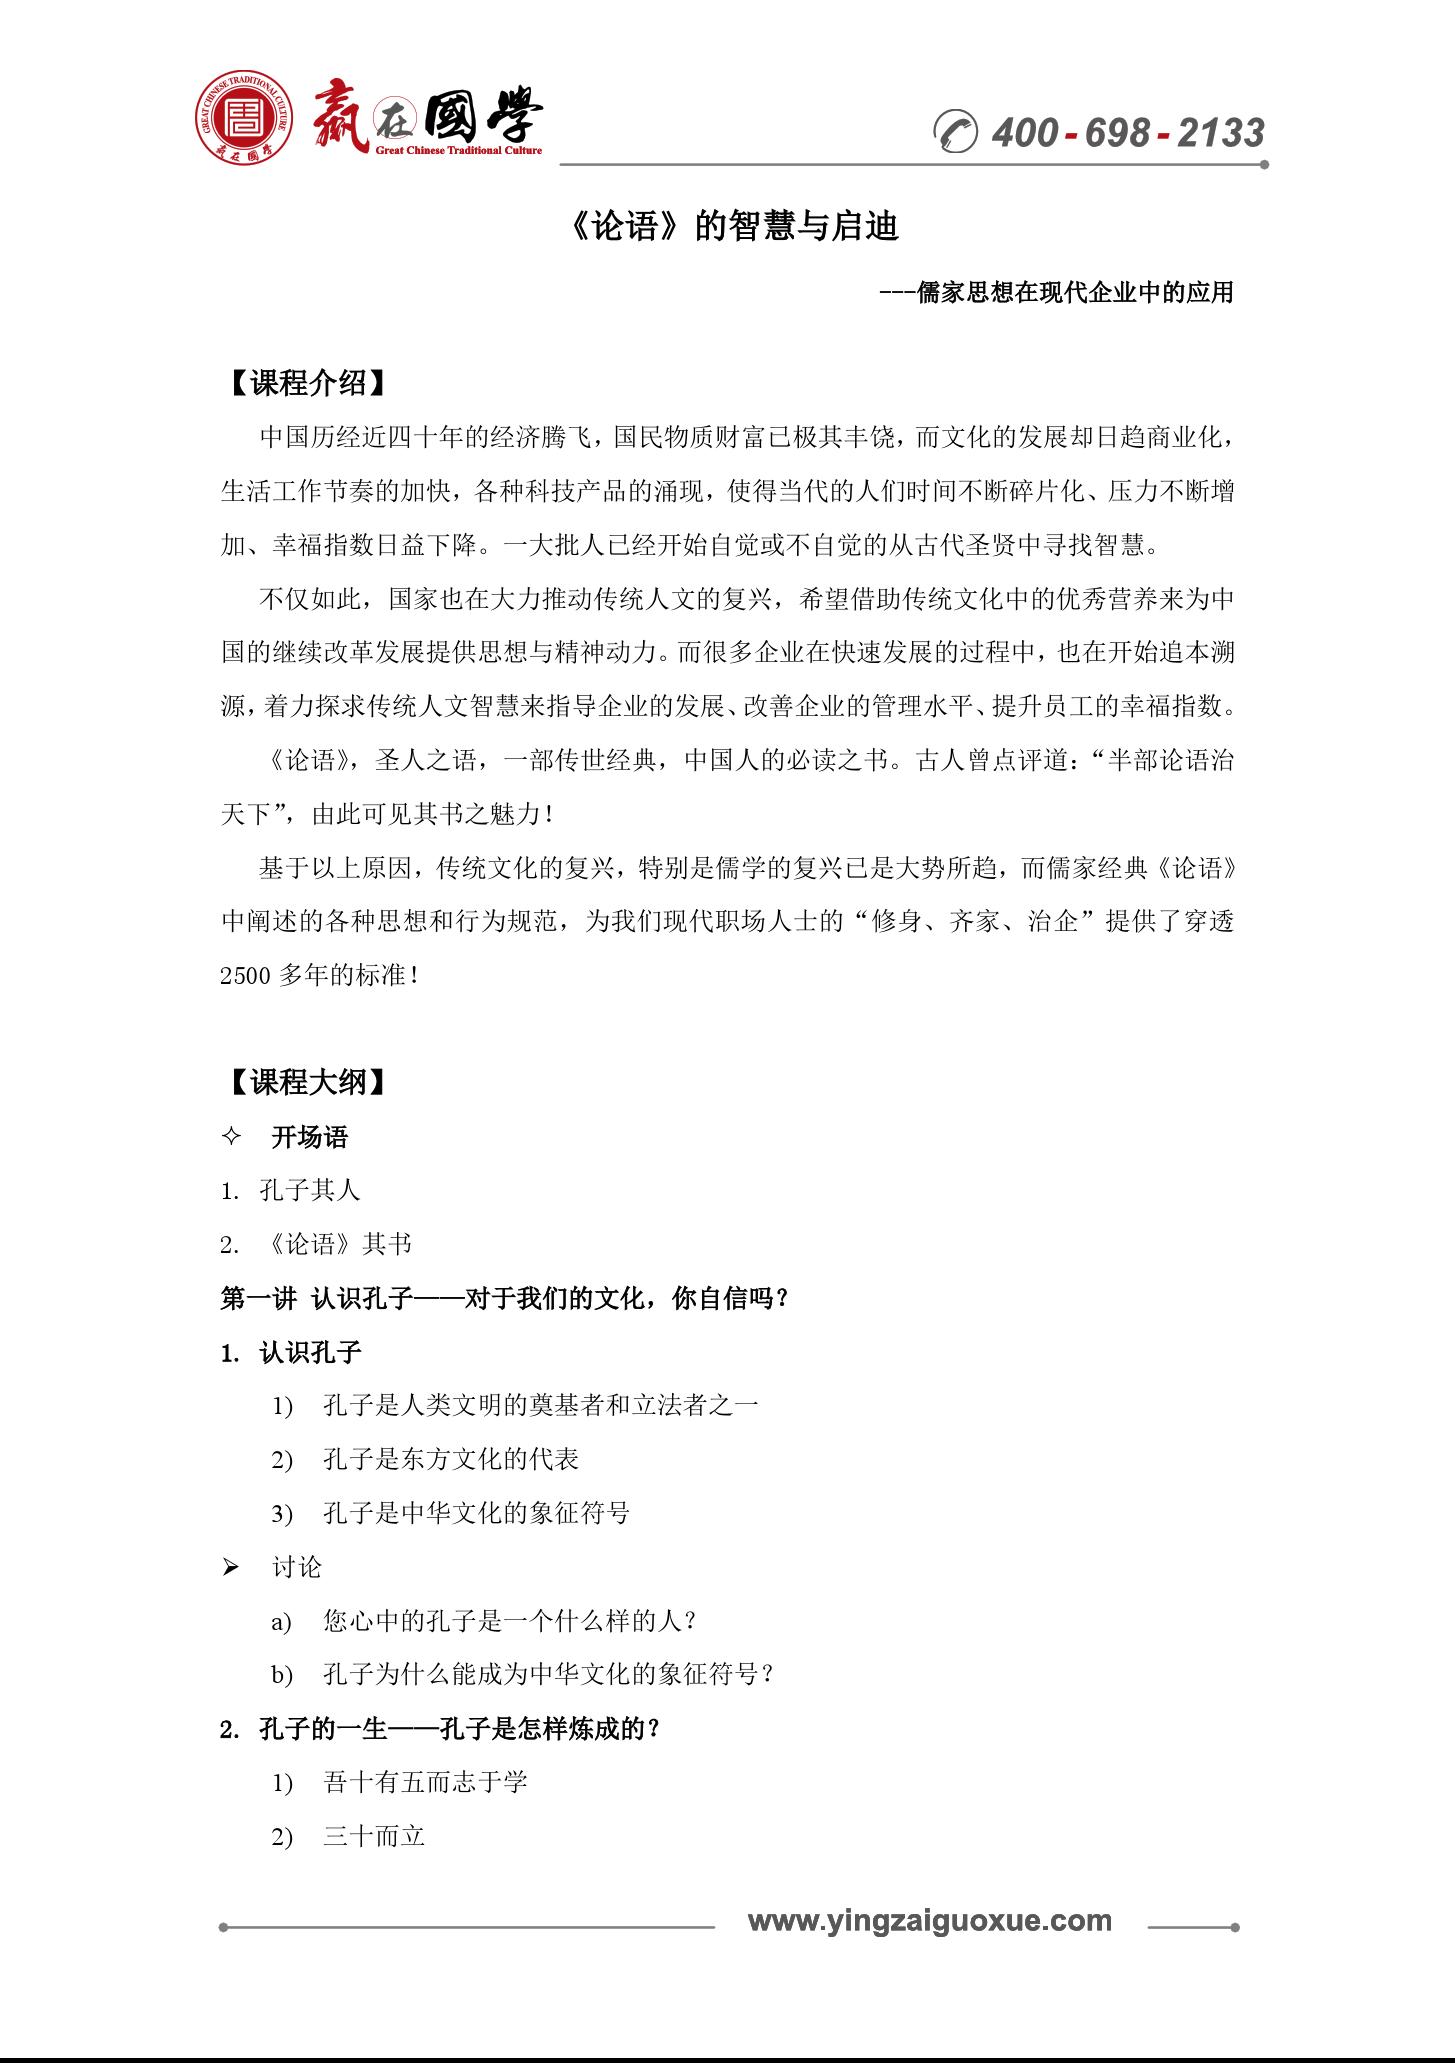 《论语》的智慧与启迪(王泽仁老师)